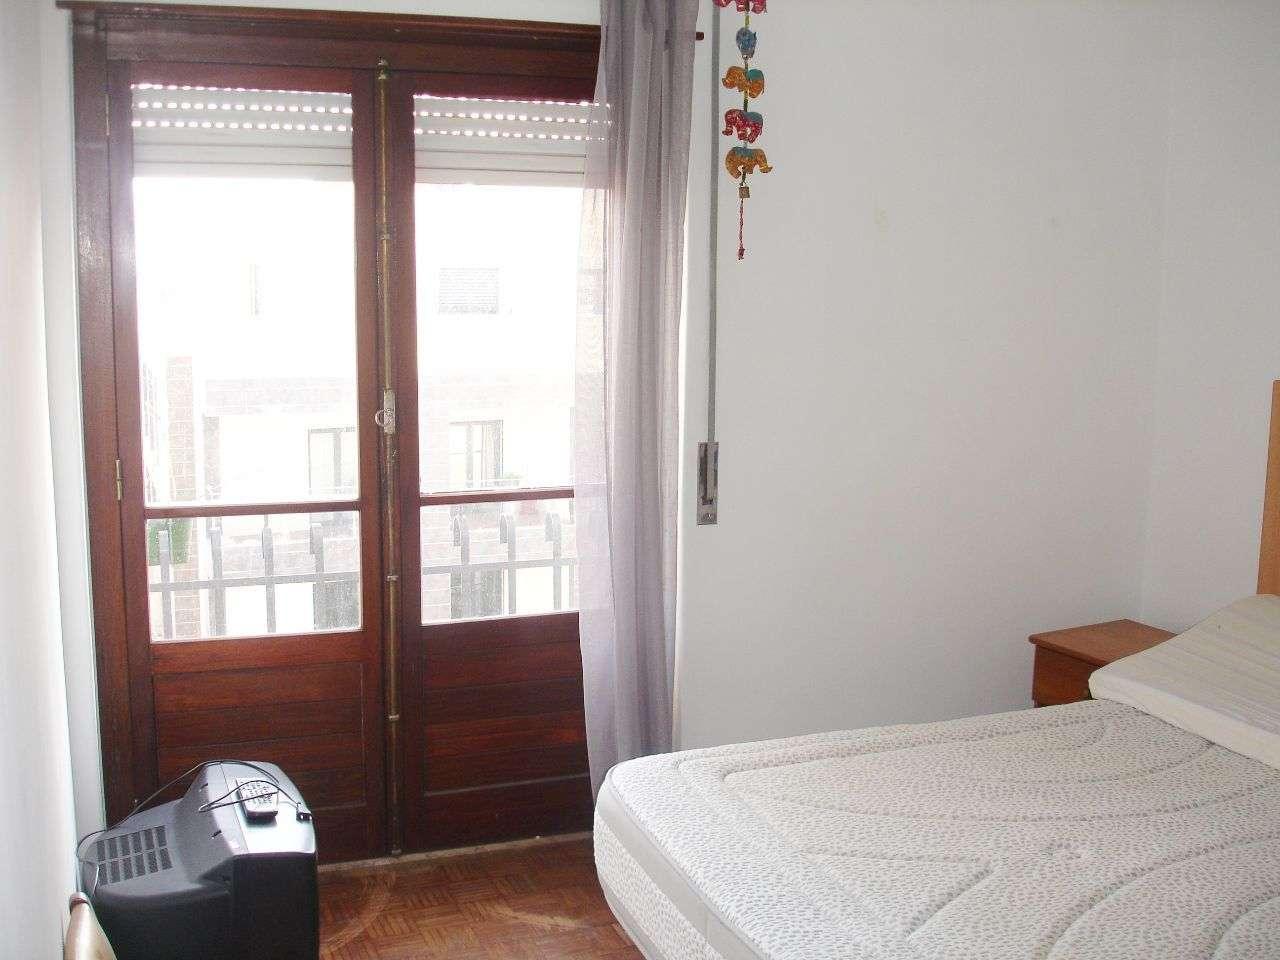 Apartamento para arrendar, Setúbal (São Julião, Nossa Senhora da Anunciada e Santa Maria da Graça), Setúbal - Foto 1